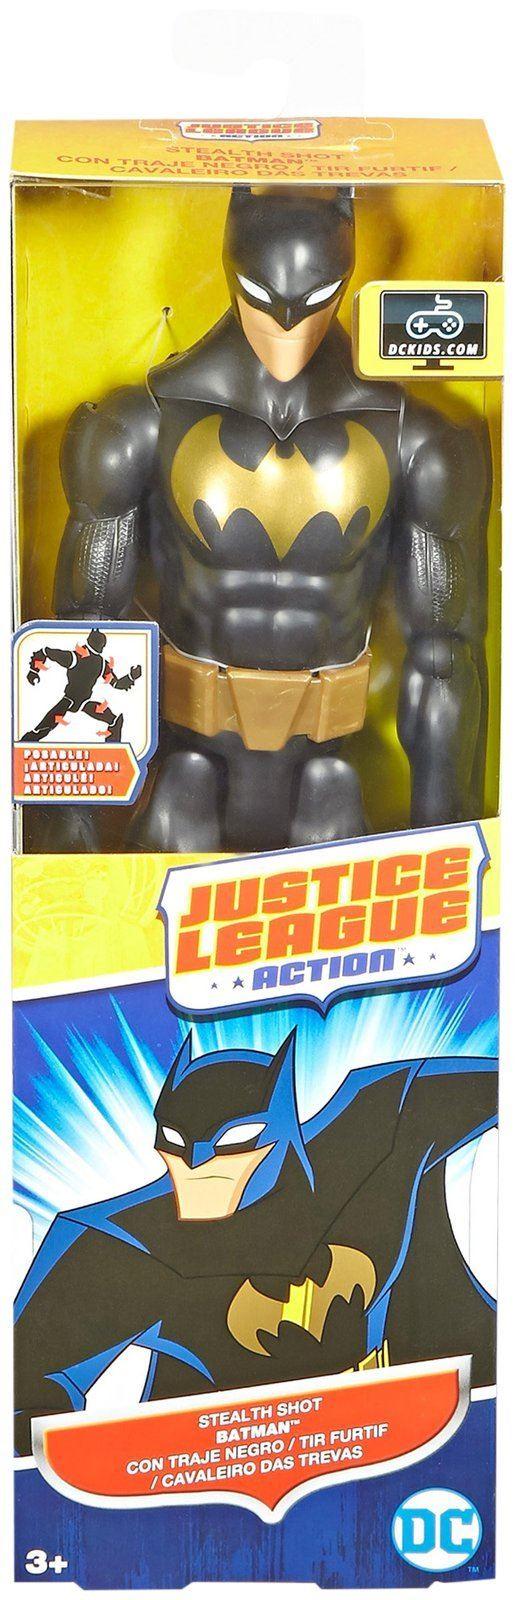 DC-Justice-League-12-034-Action-Figure-Batman-Stealth-Batmna-Flash-Joker thumbnail 15